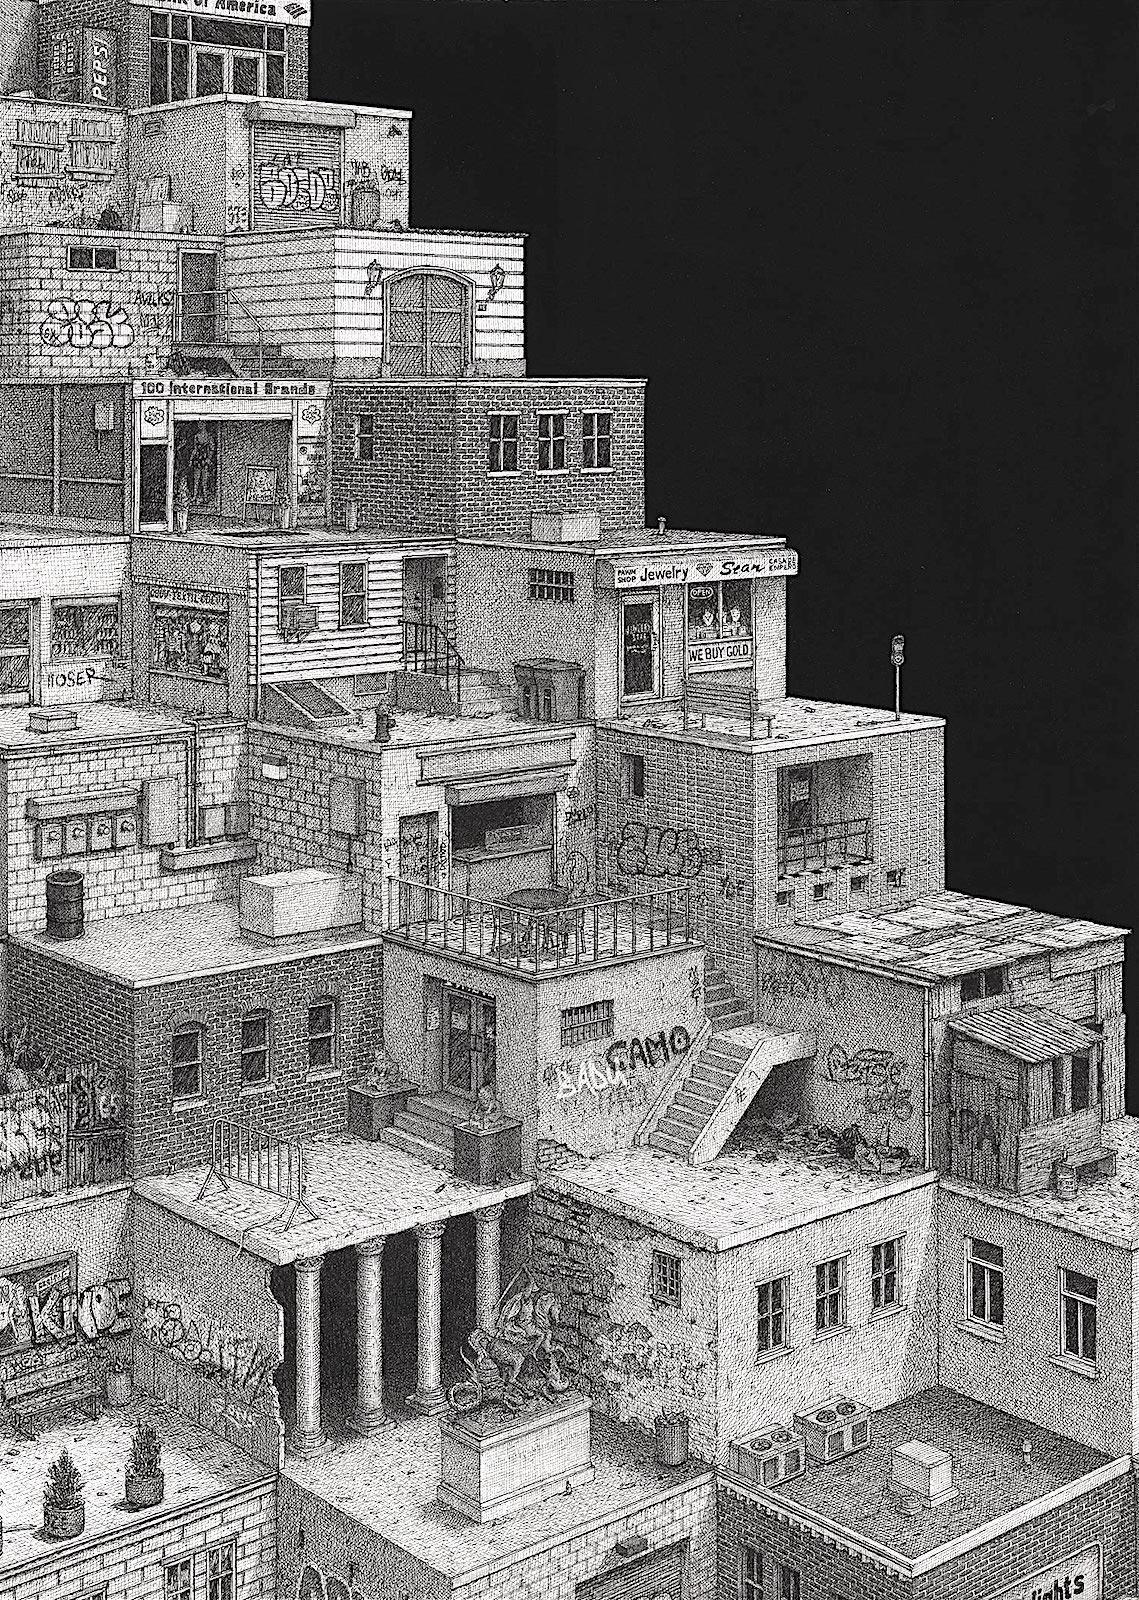 a Ben Tolman image of cascading urban homes